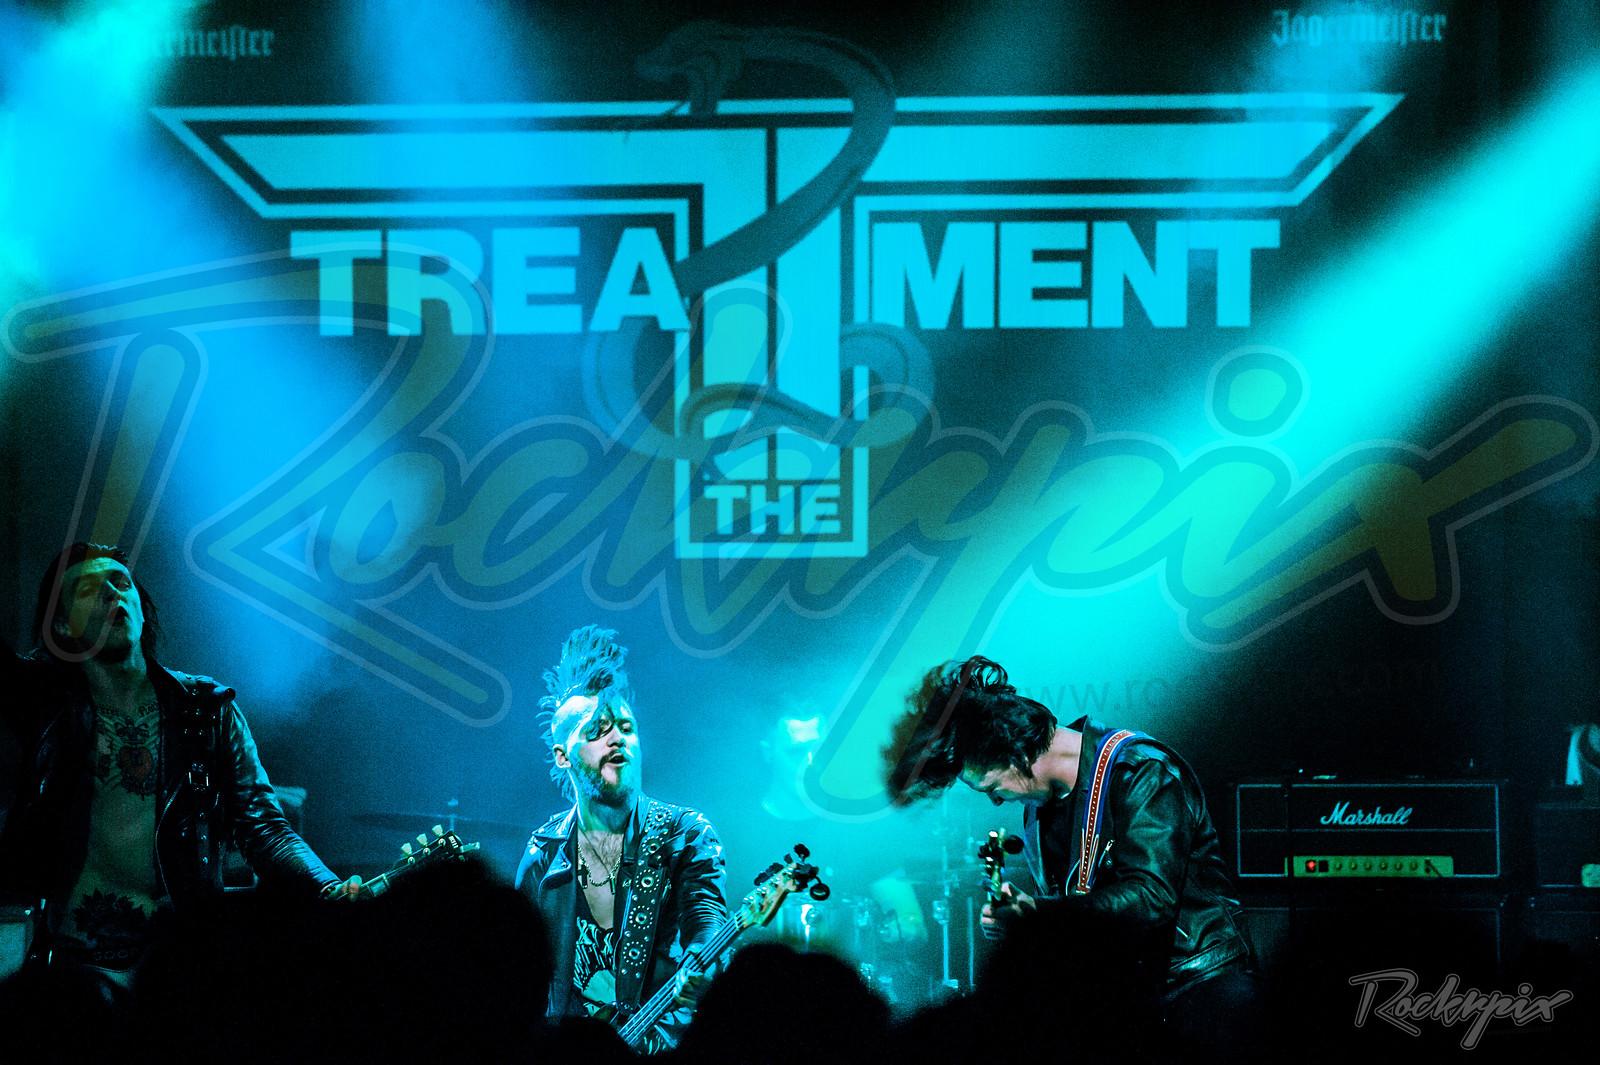 ©Rockrpix  - The Treatment